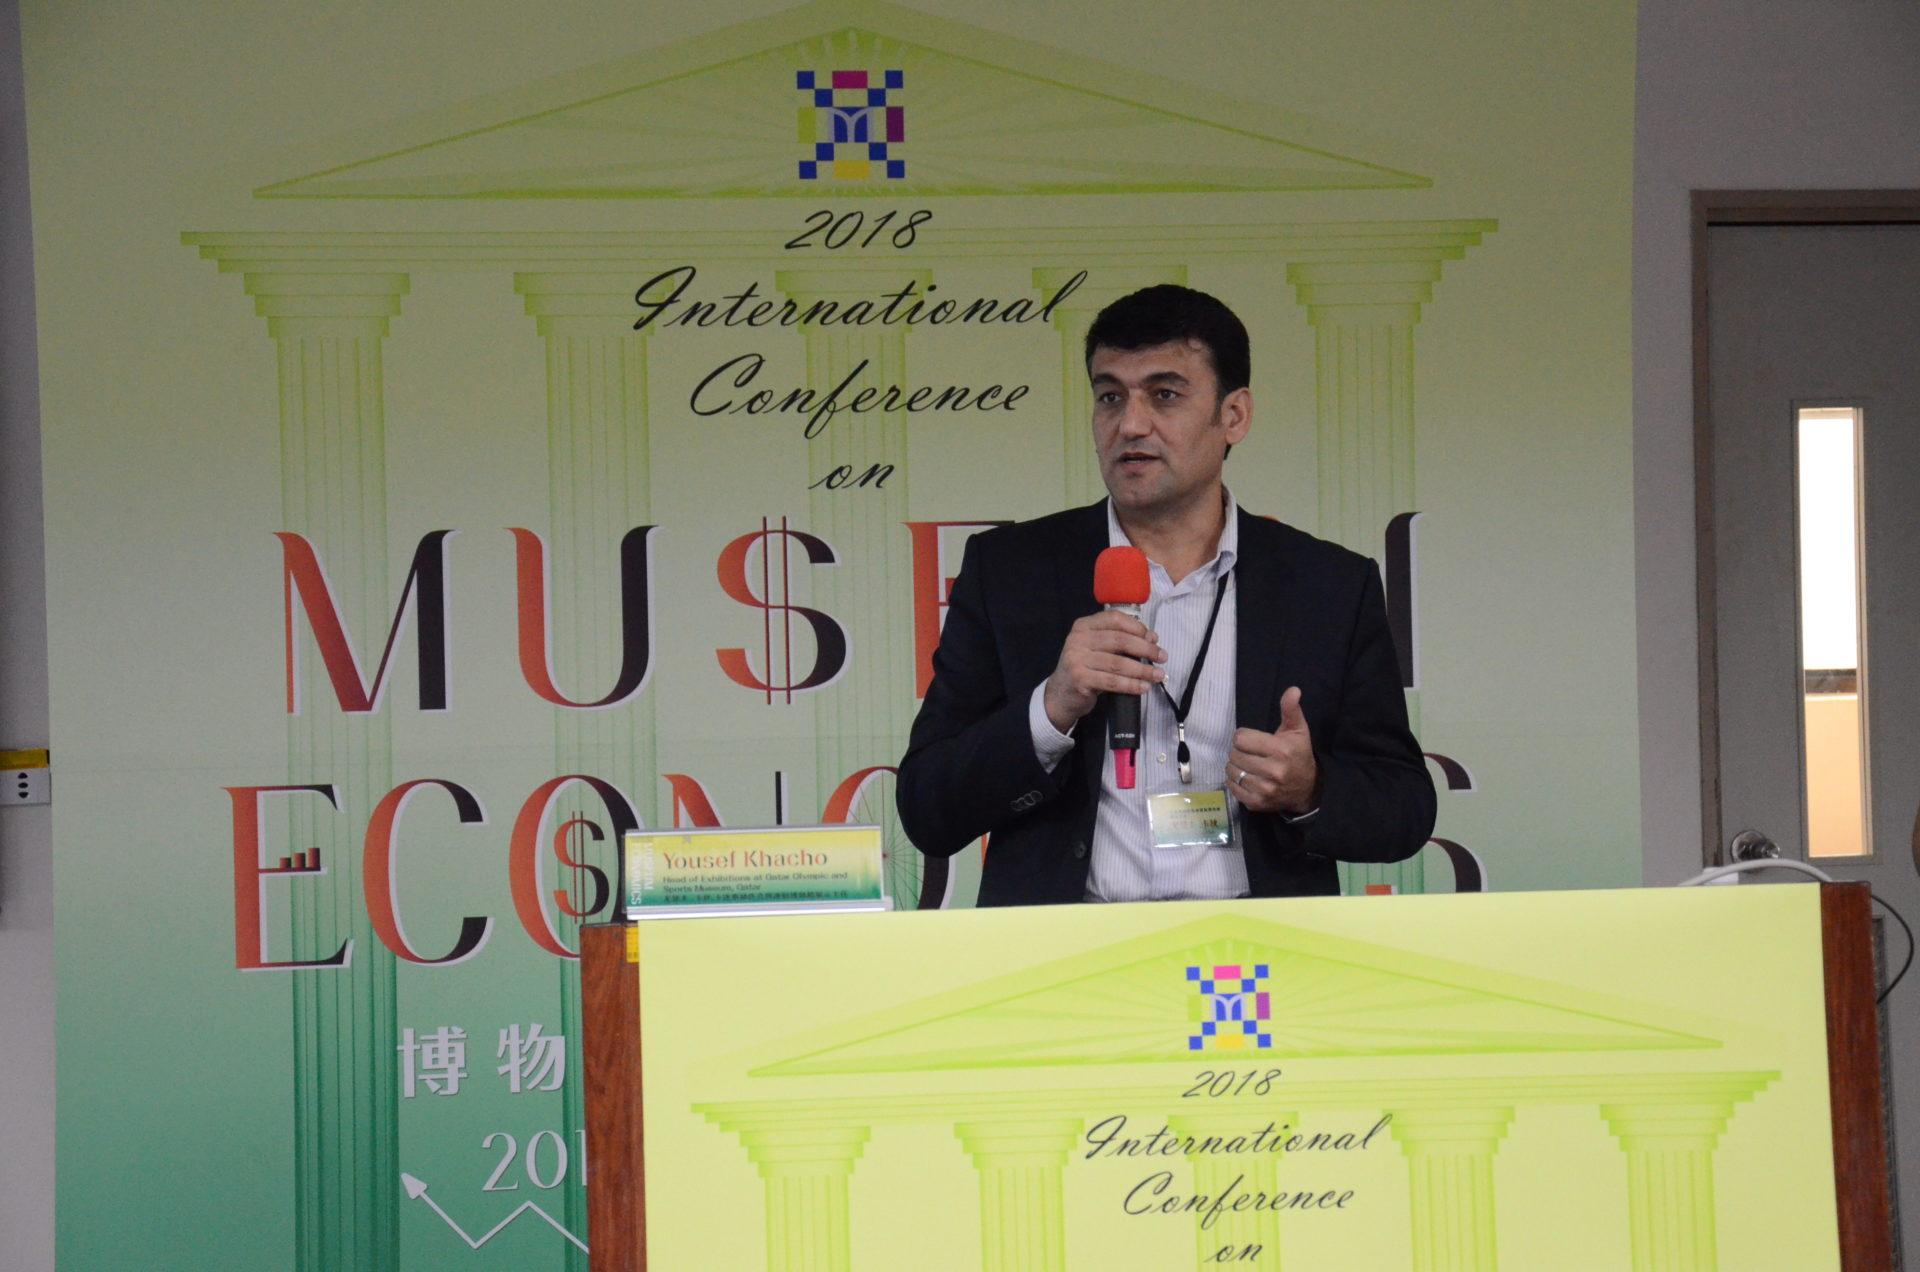 卡達奧林匹克與運動博物館展示主任Yorsef Khacho發表博物館經濟學